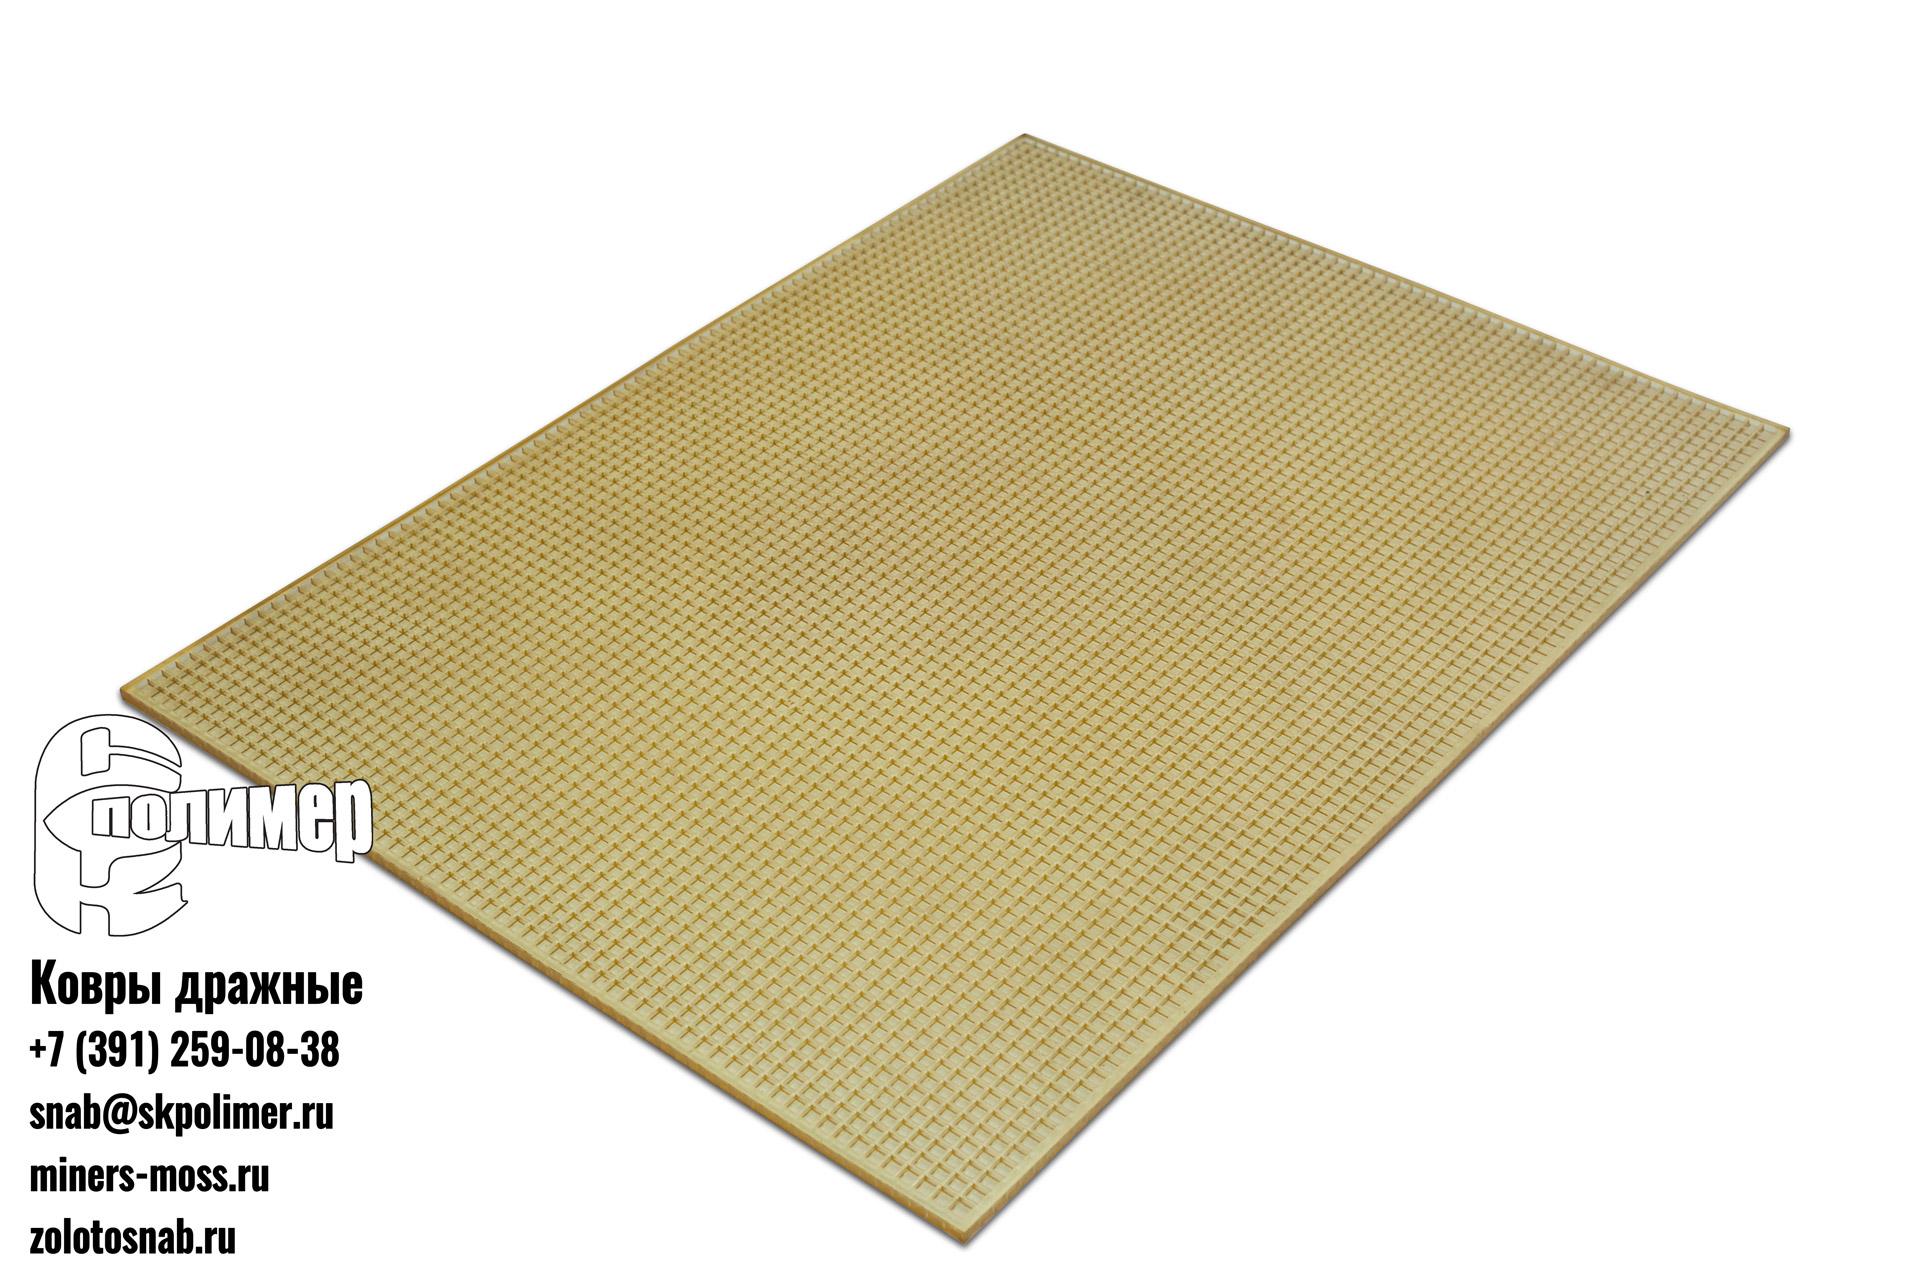 ковры дражные полиуретановые 365